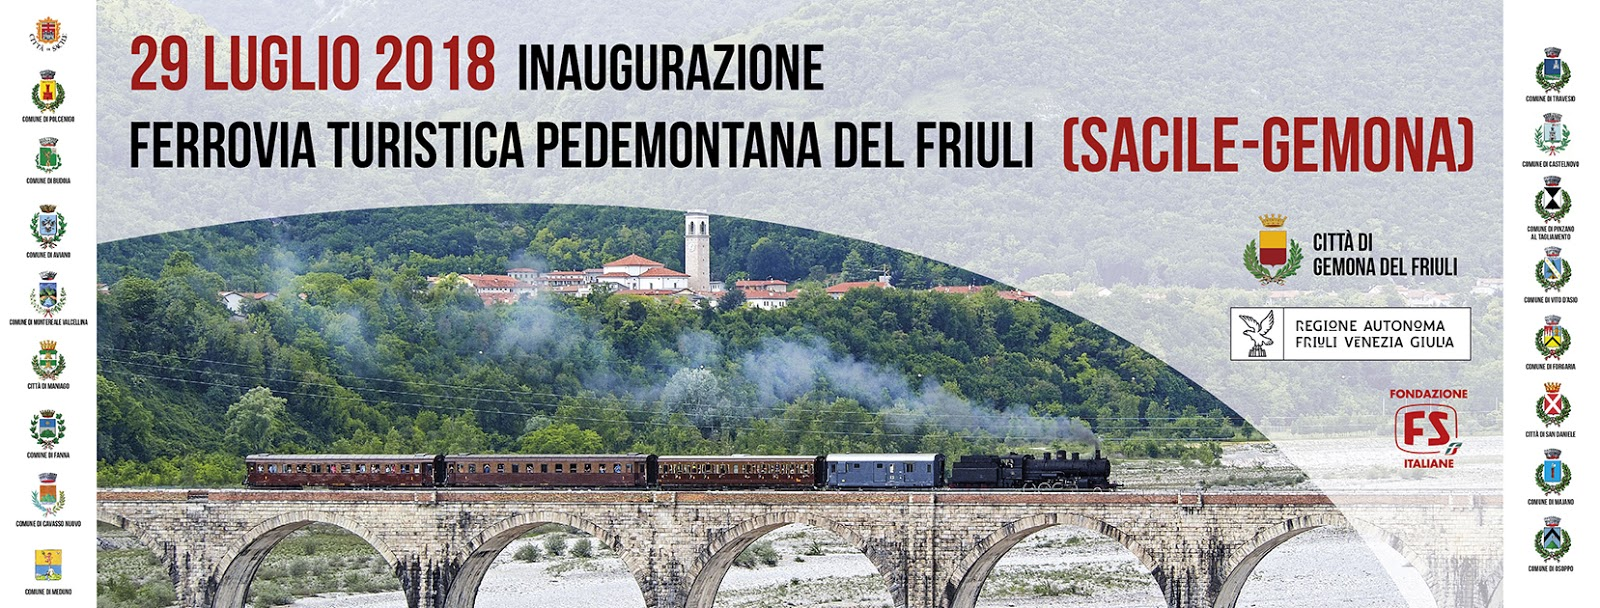 Domenica si inaugura la Ferrovia Turistica Sacile-Gemona  il sogno del  territorio è diventato realtà beeb592a7c